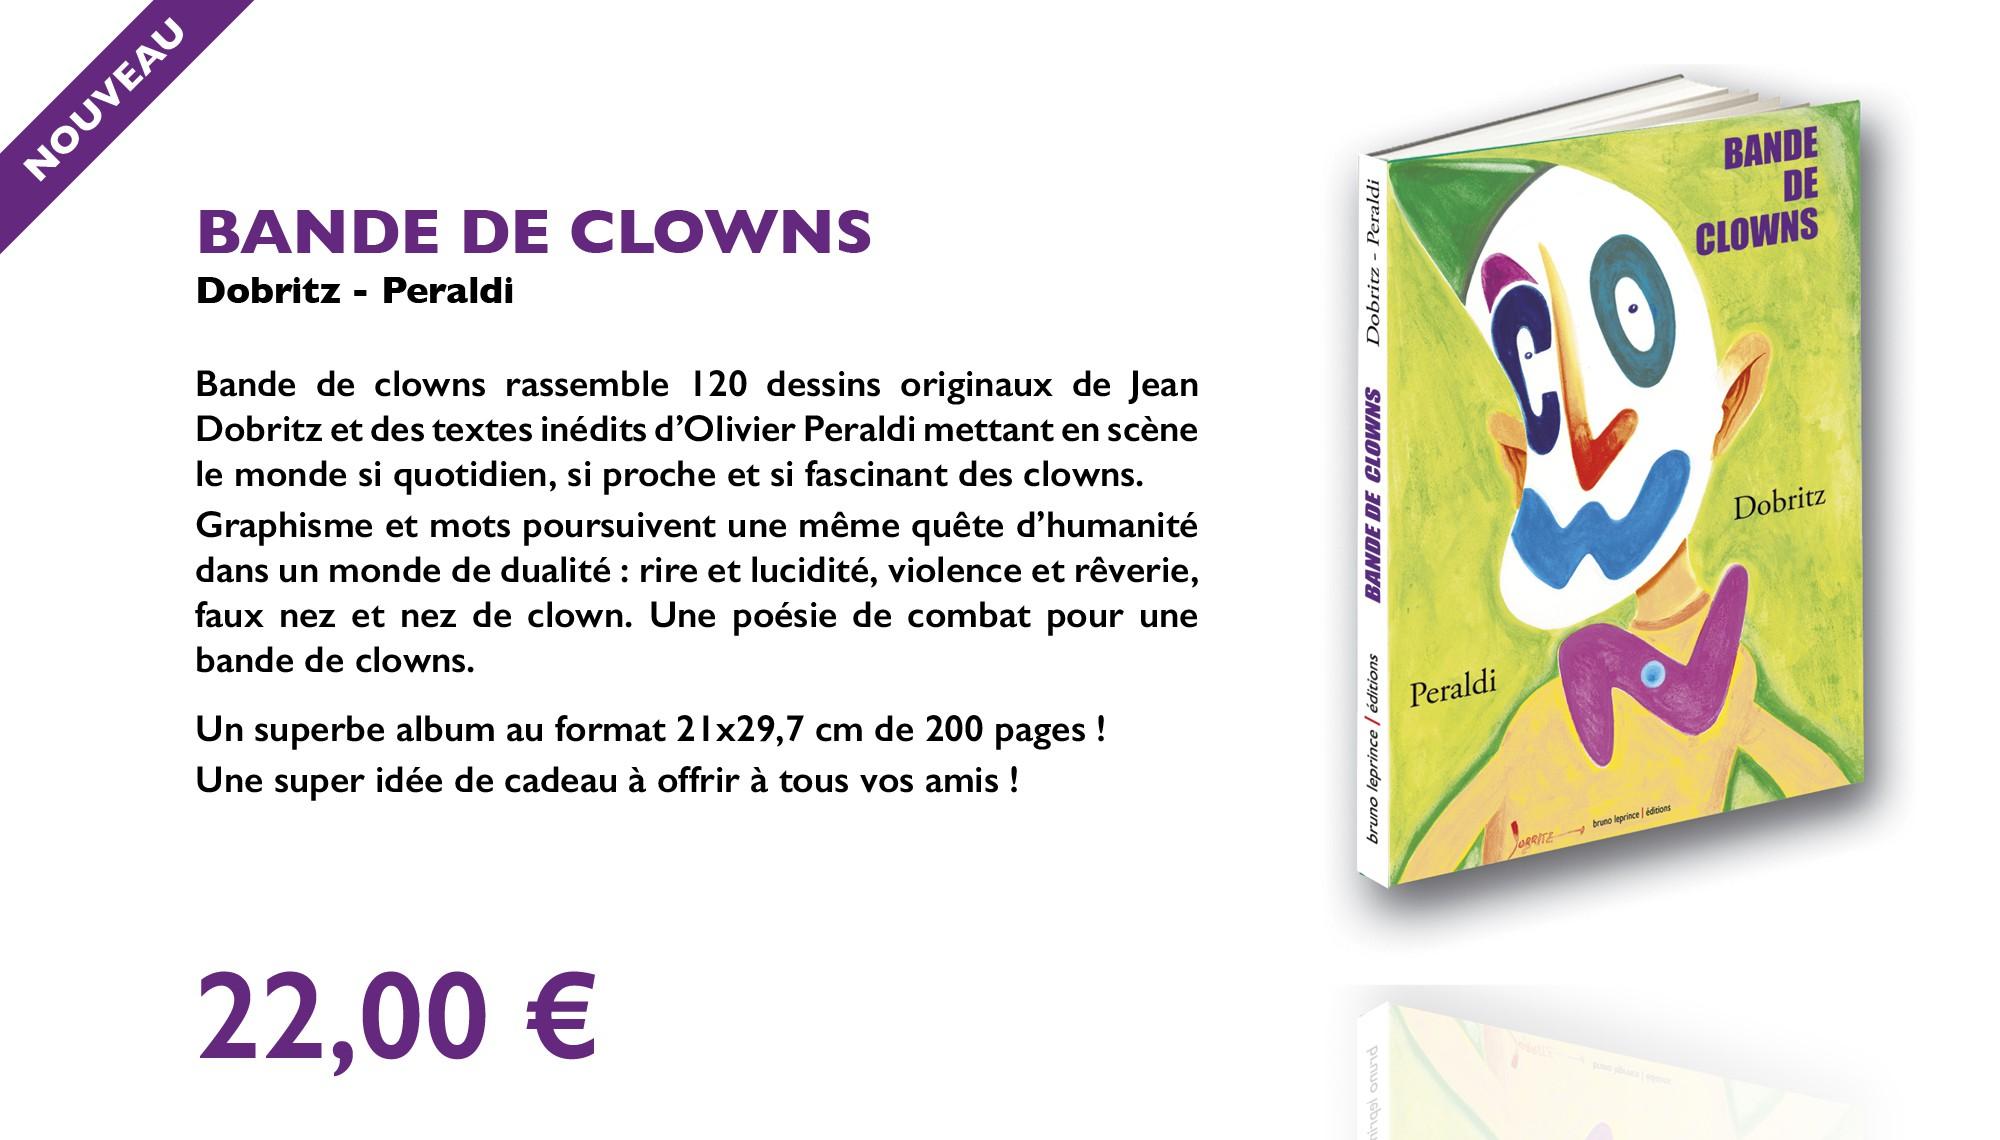 120 dessins originaux de Jean Dobritz et des textes inédits d'Olivier Peraldi mettant en scène le monde des clowns